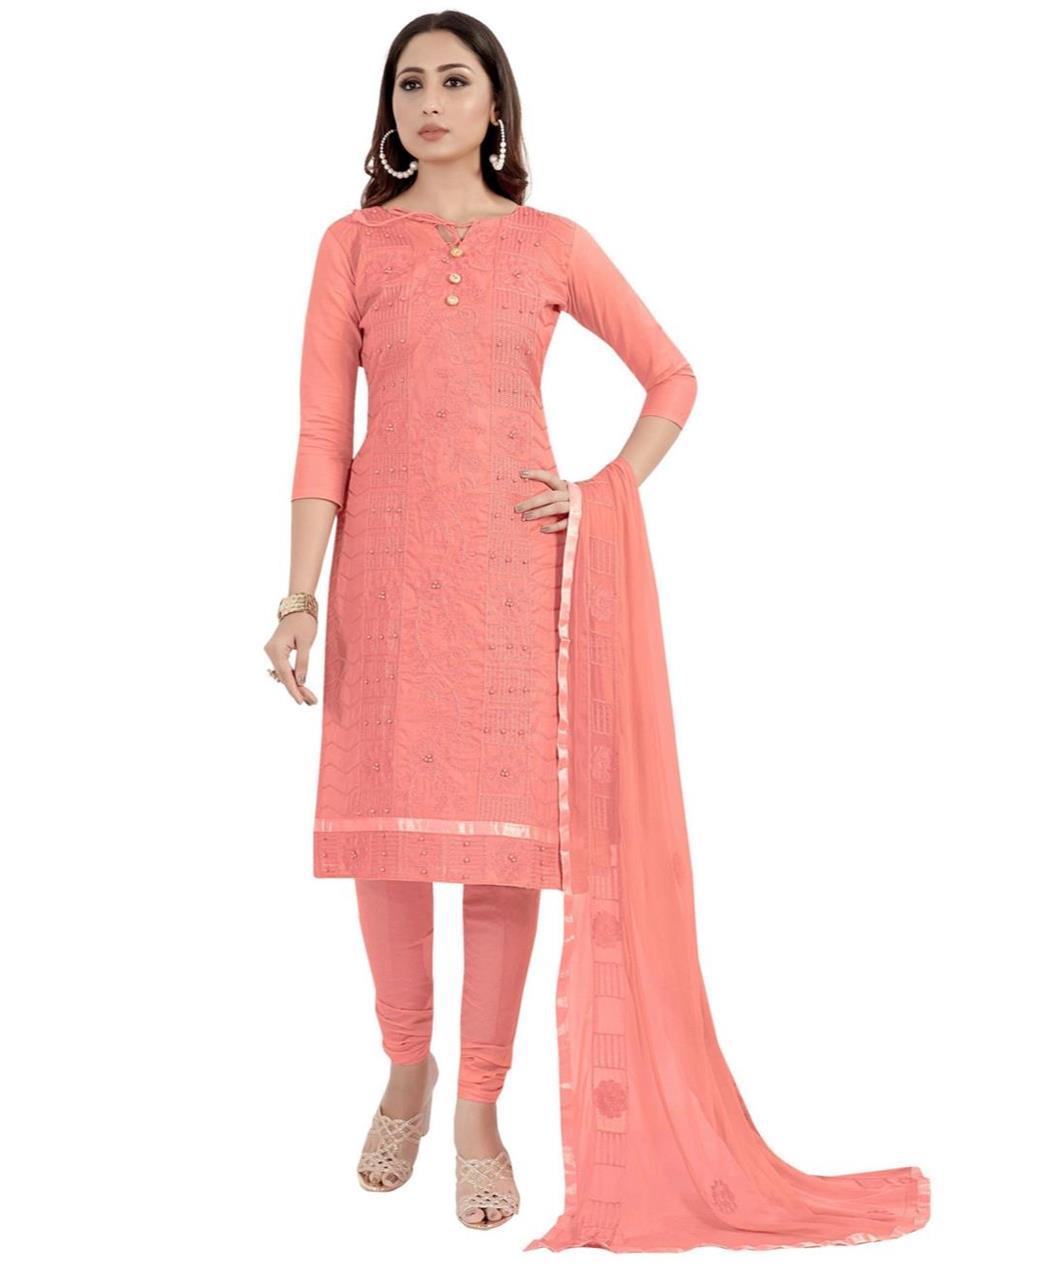 HandWorked Cotton Patiyala Suit Salwar in Pink